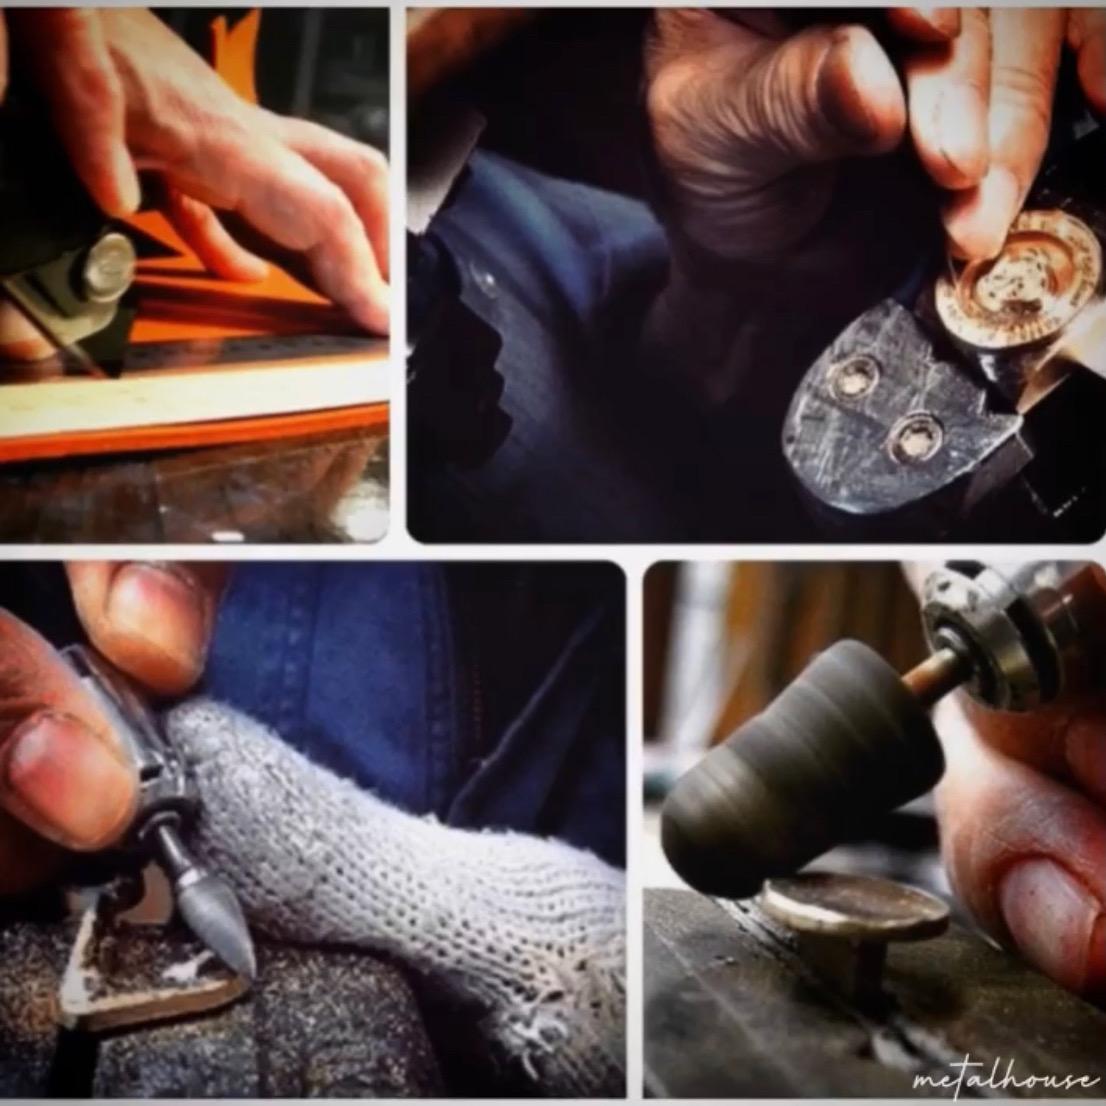 金属を切る職人、打ち抜く職人、曲げる職人、穴を開ける職人、原型を作る職人、鋳物の技術を持つ職人、メッキ職人、縫製職人、革なめし職人、 、、  🔨 オーダーメイドのモノ作りは、熟練の職人や技術、慣れ親しんだ機械や道具に支えられています。歴史を刻んだ職人や機械や道具。長年の経験と歴史を積み重ねてきたメタルハウスだからこそ作れる誰にも真似できないモノづくりがあります。